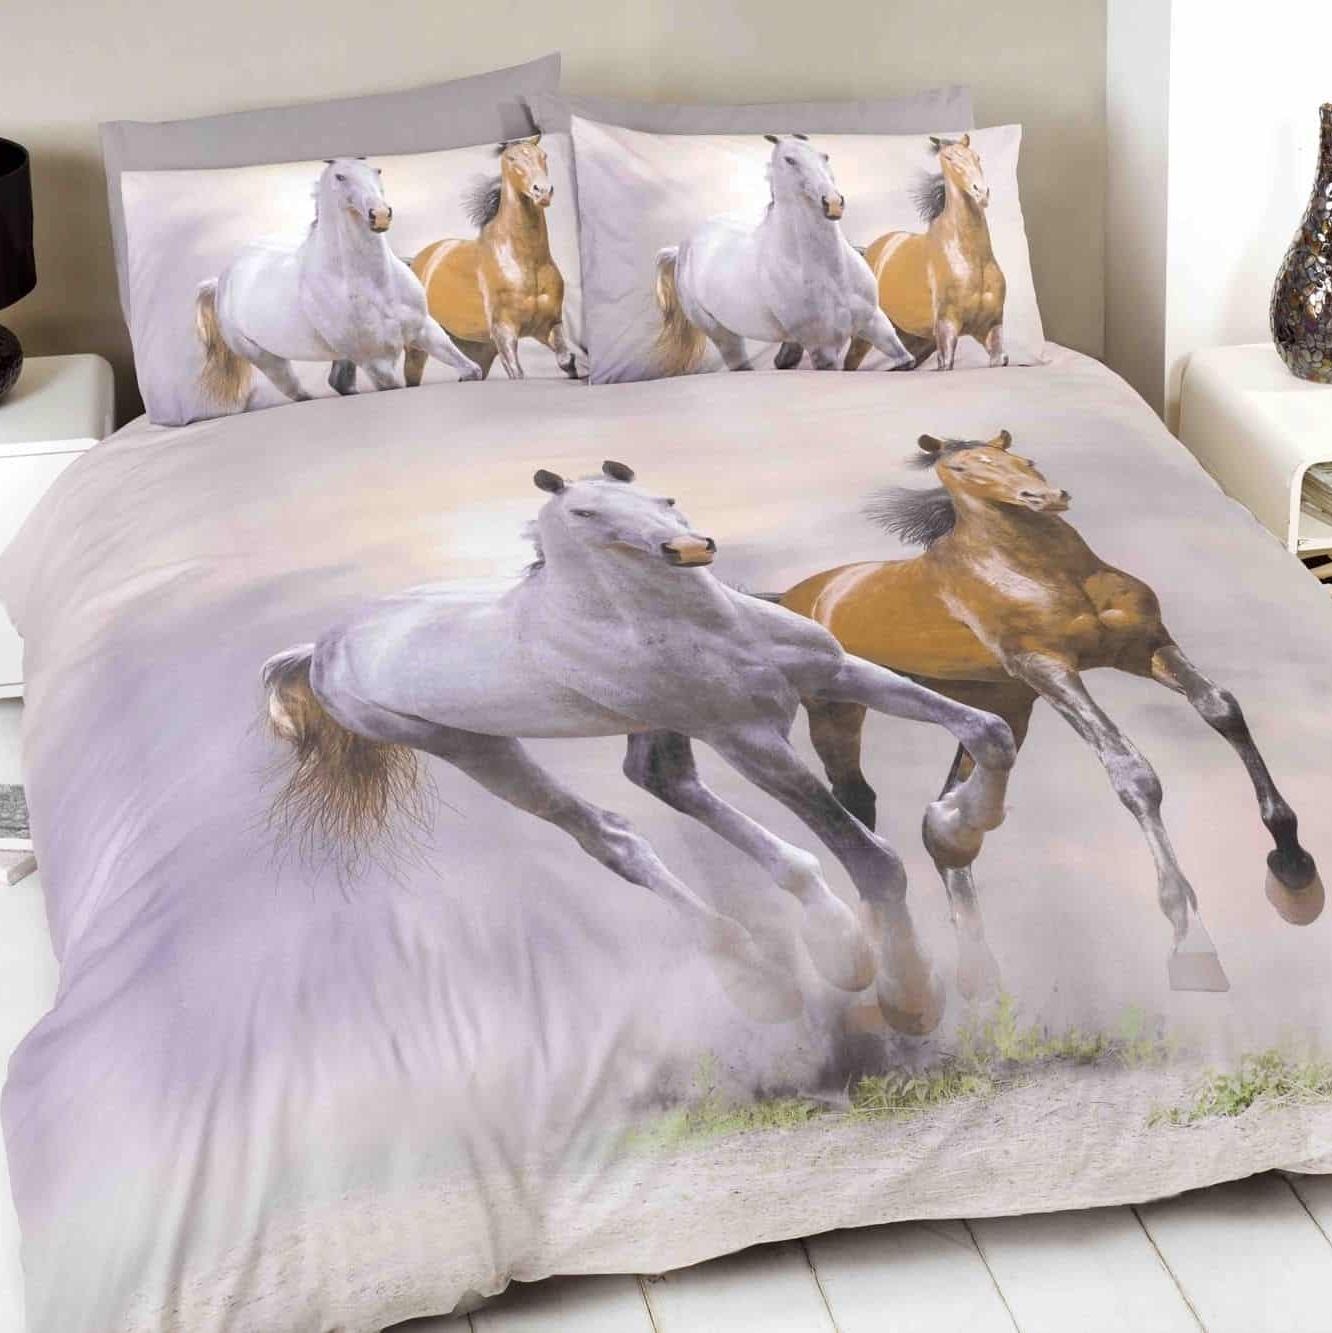 Duvet Cover Sets 3d Animal Print Bedding Pillow Cases King